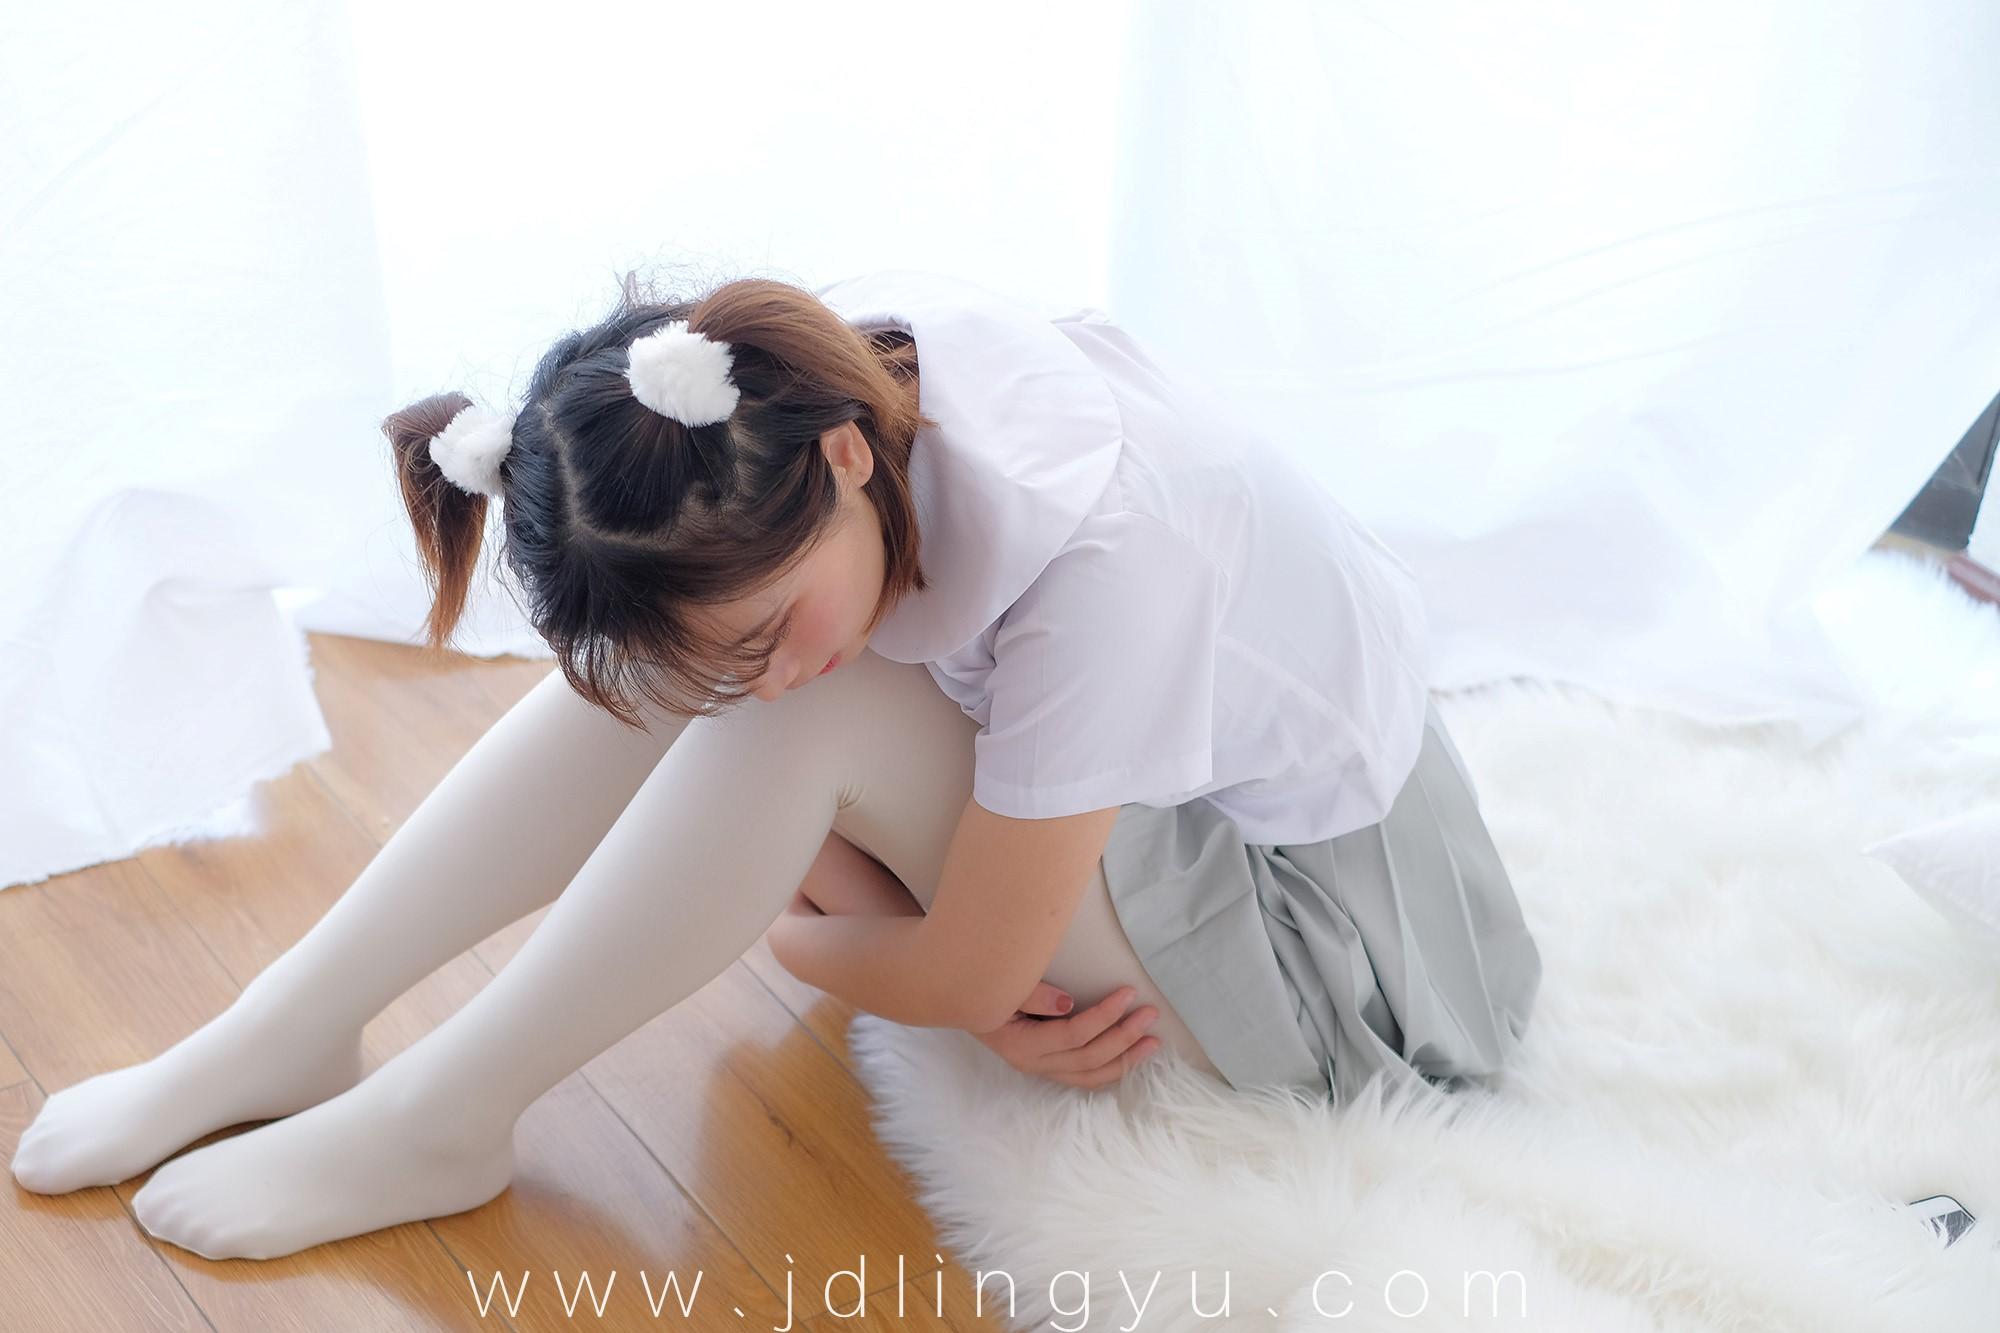 [喵写真] R15-026 丝袜百褶裙5